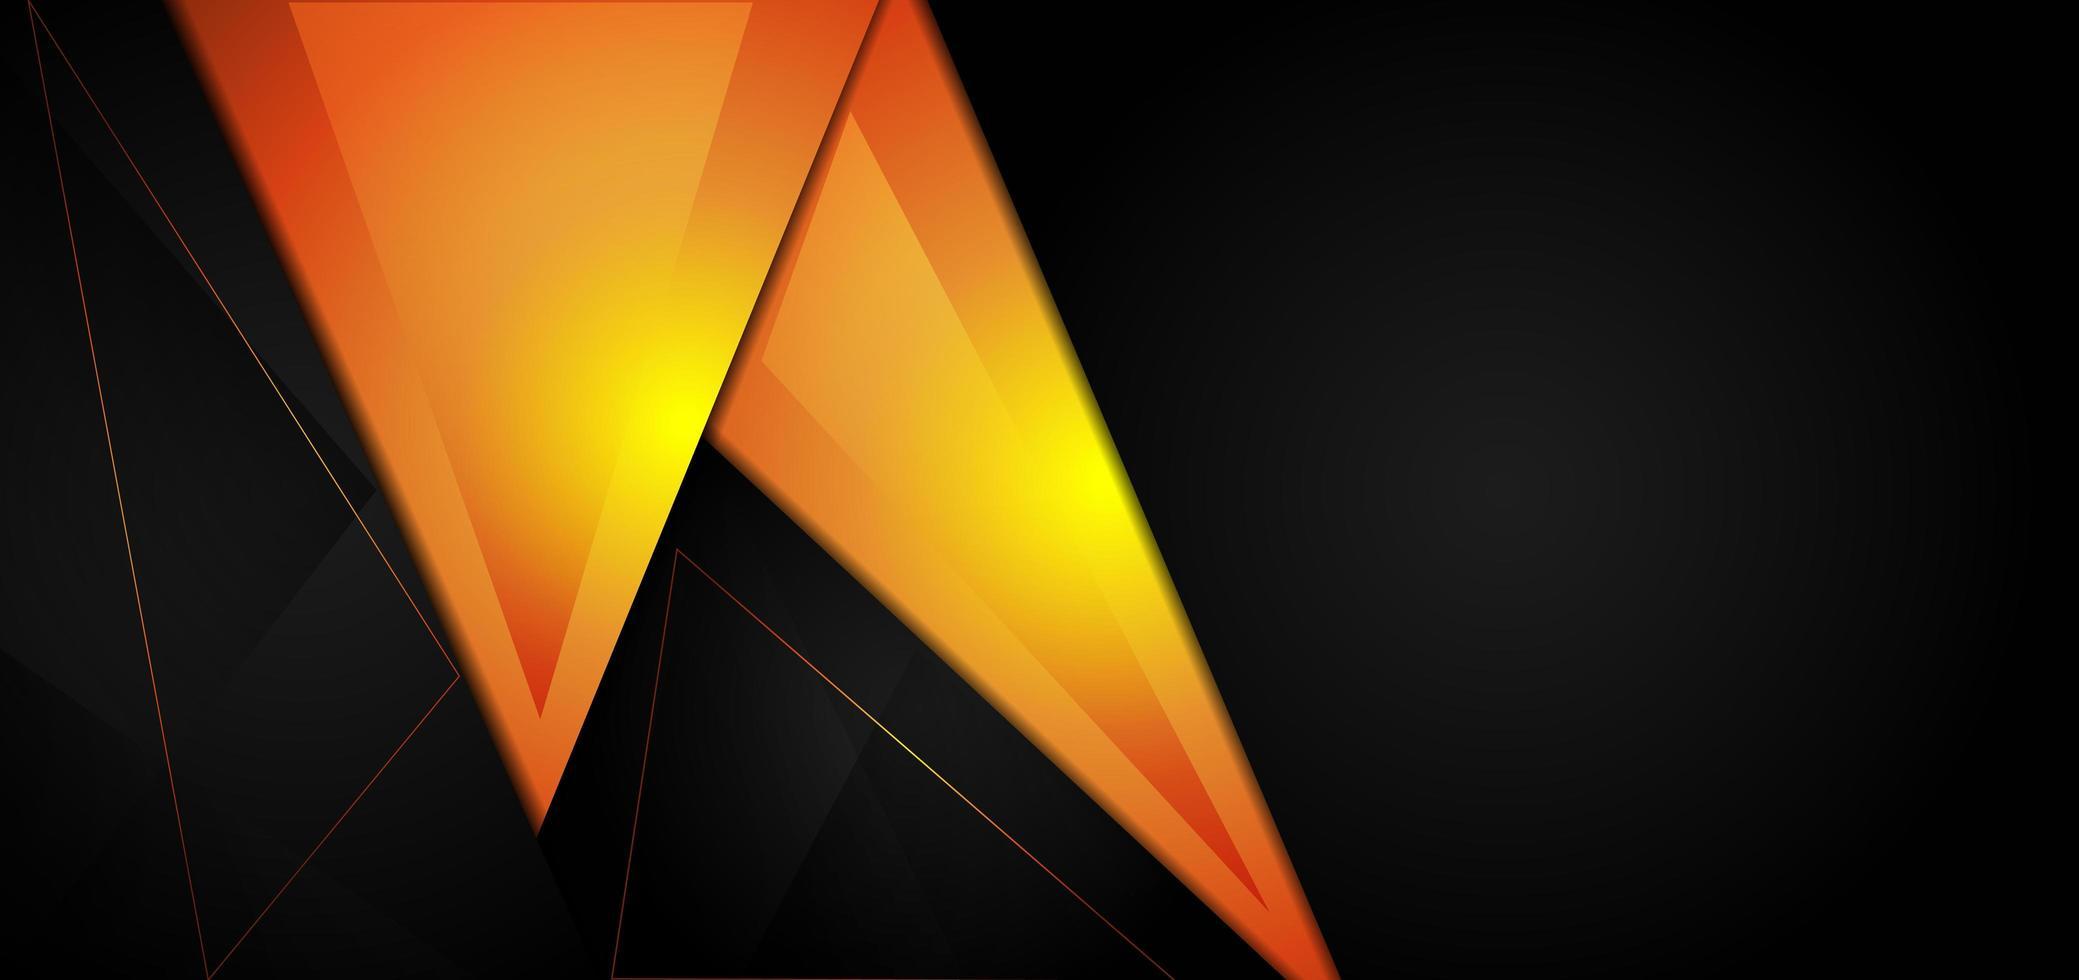 gelber und schwarzer geometrischer Dreieckhintergrund vektor